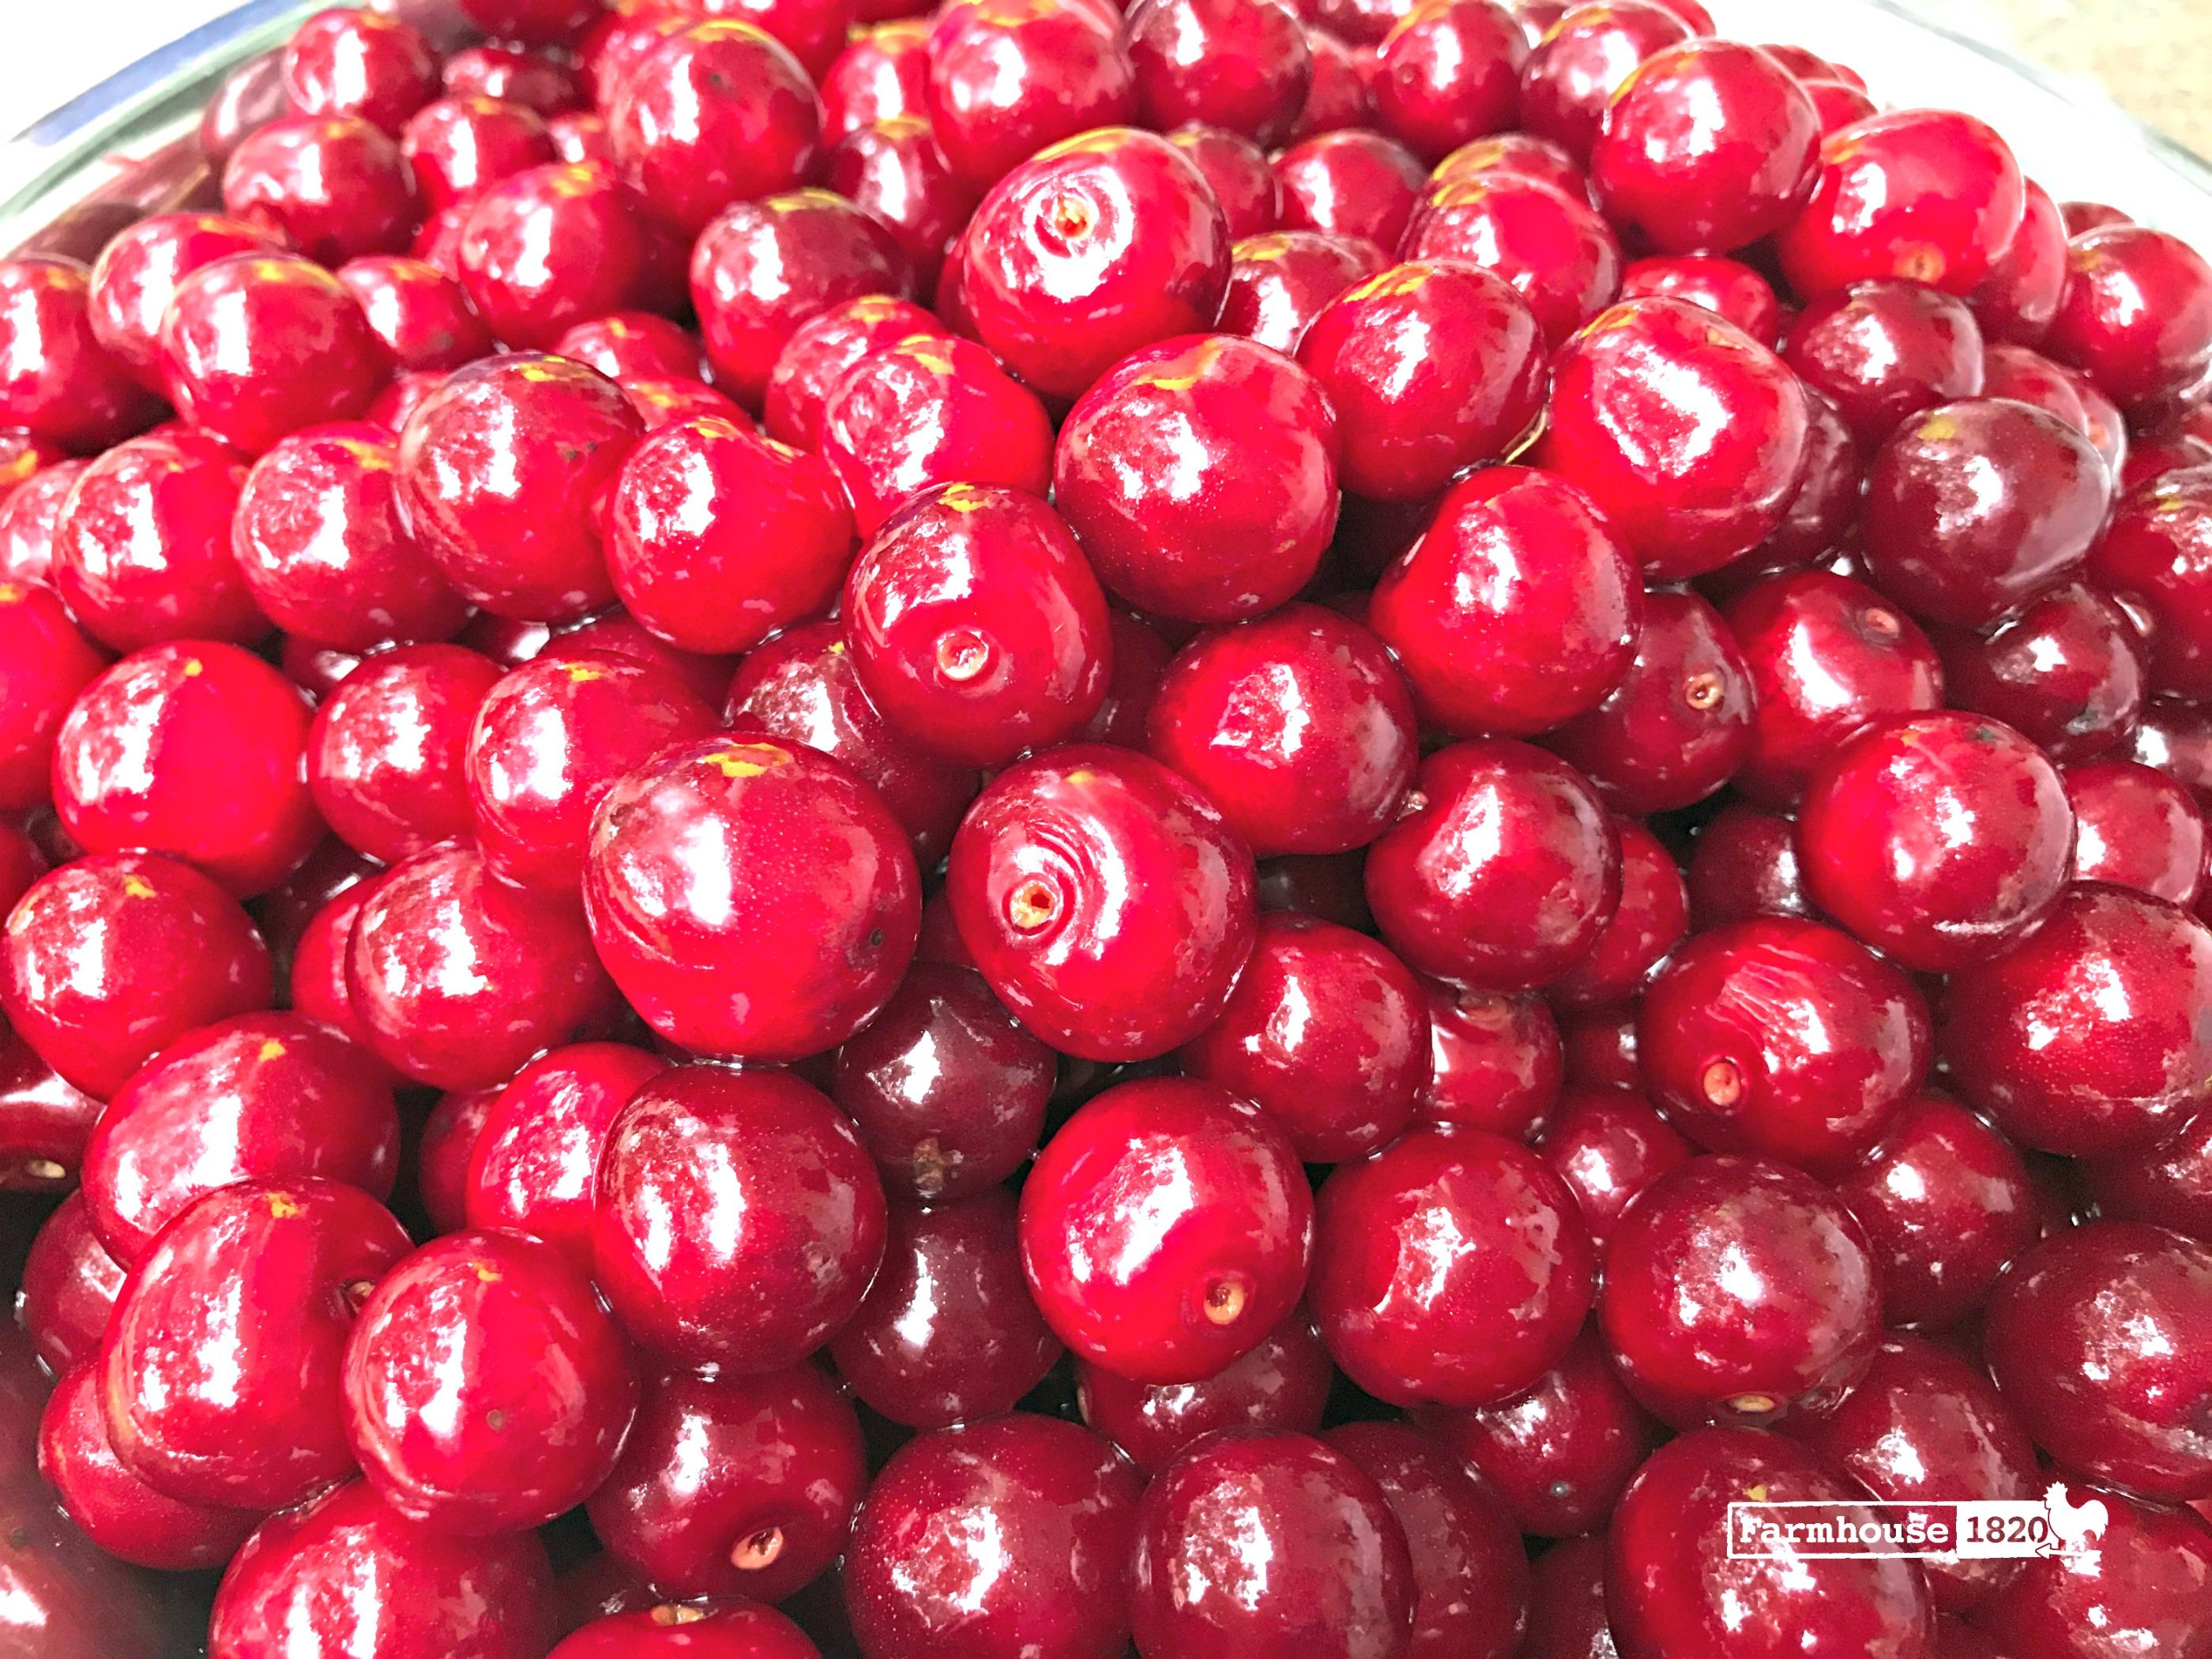 sour cherries - the crop